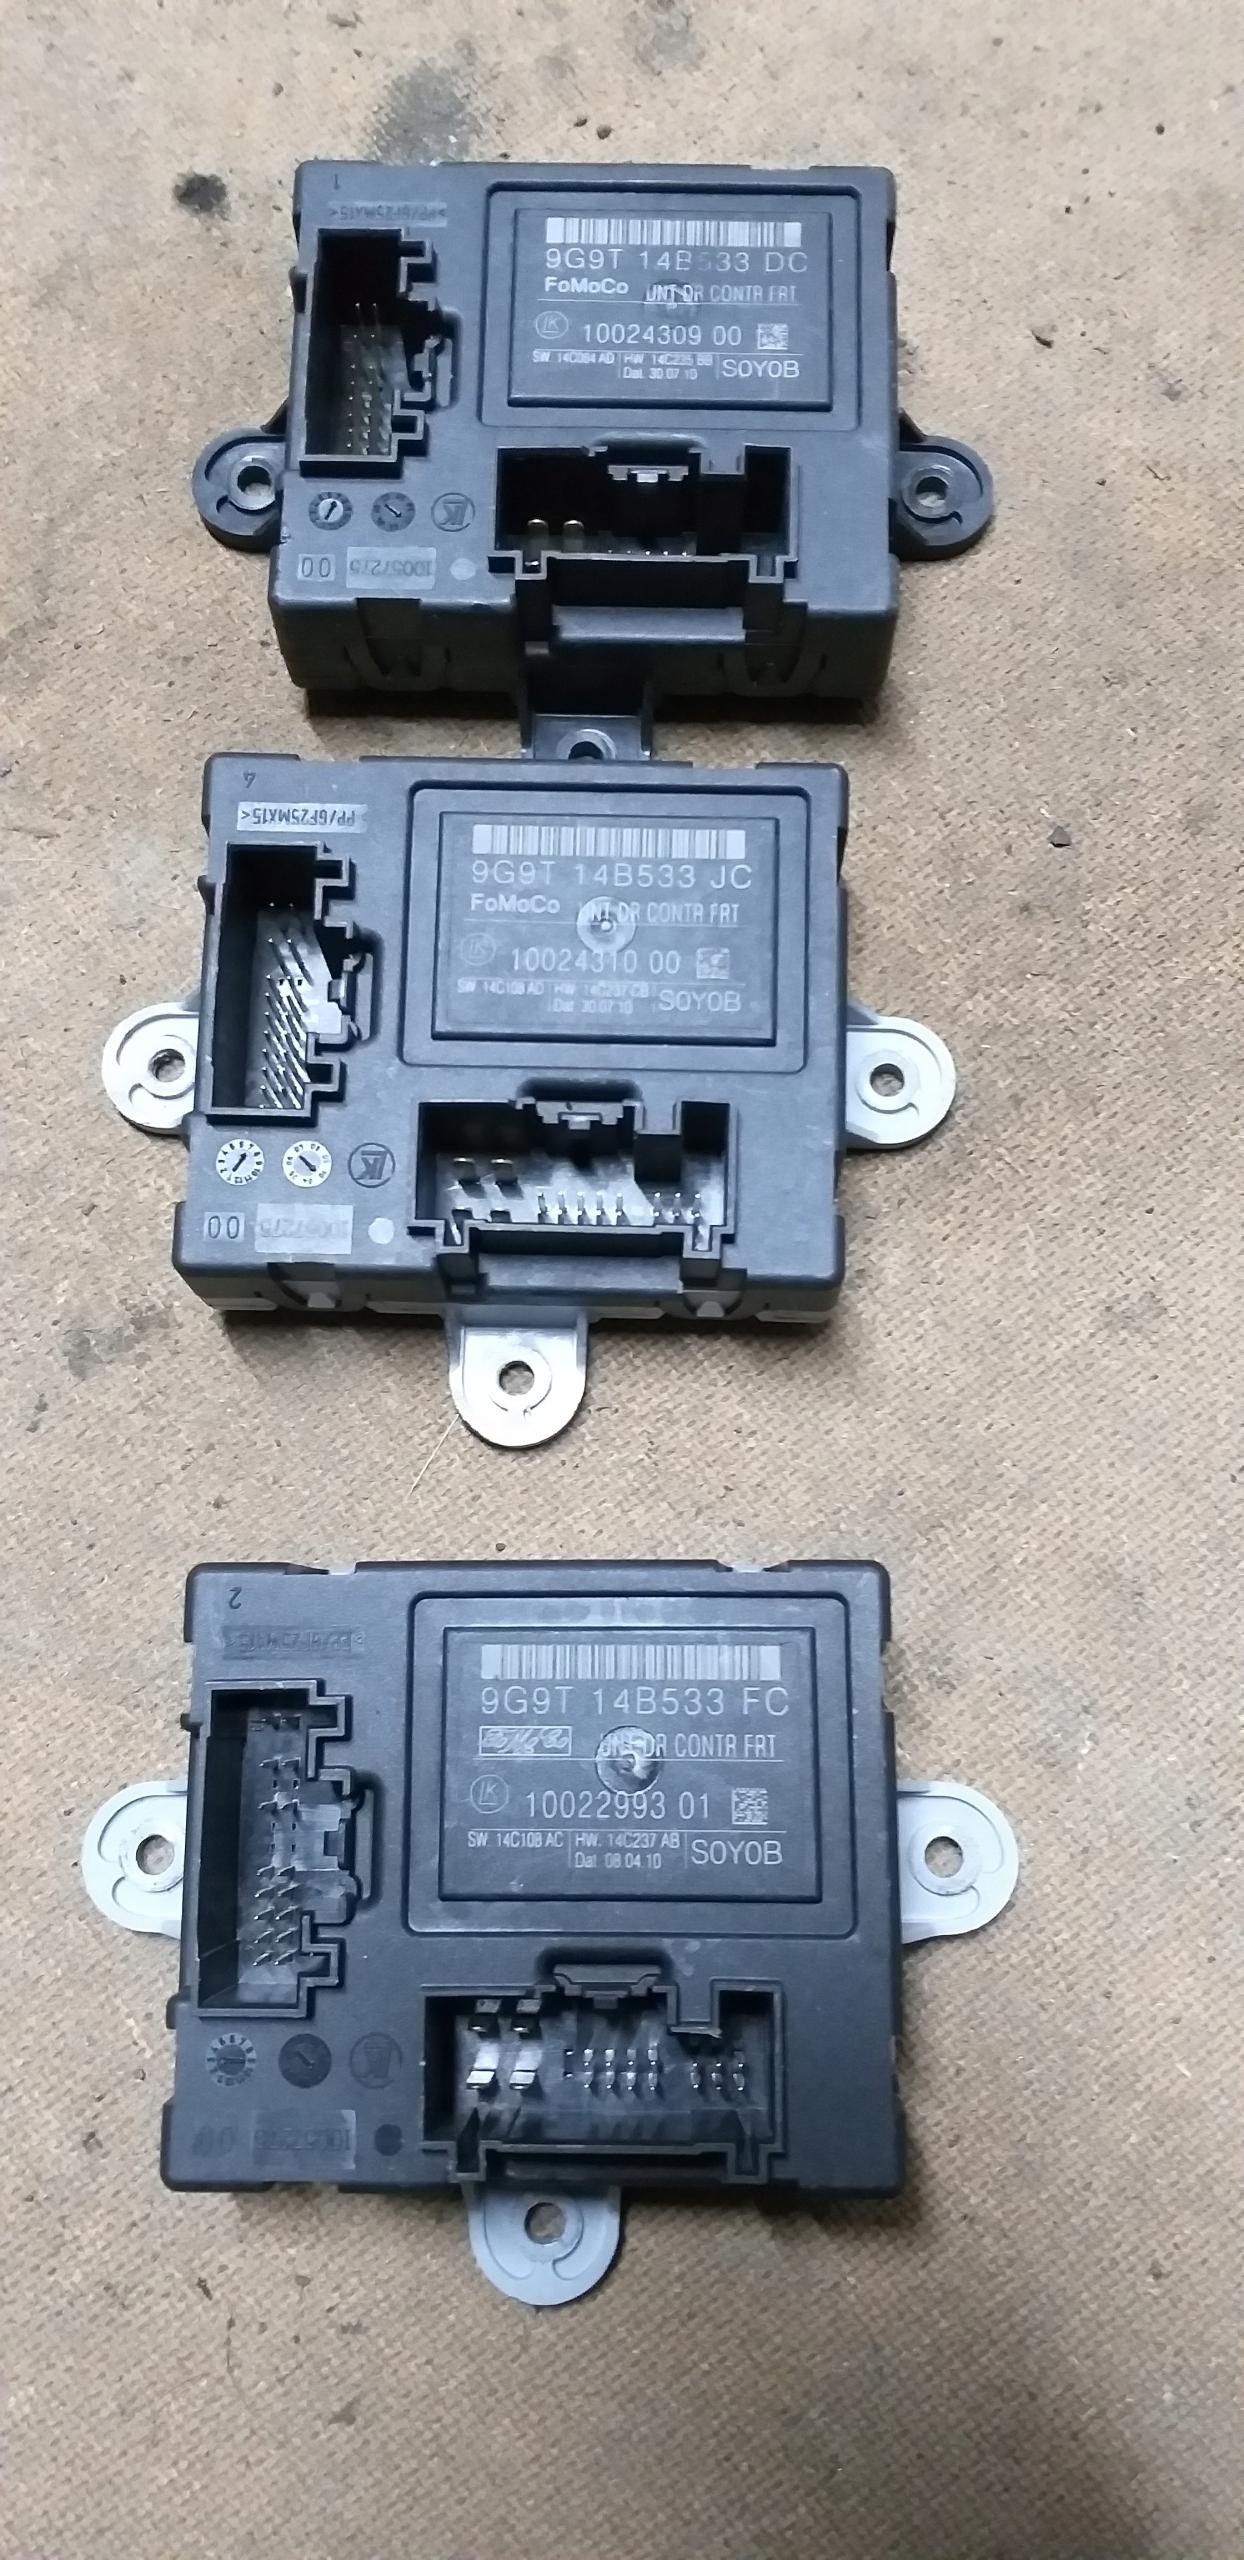 модуль драйвера двери 9g9t14b533 mondeo mk4